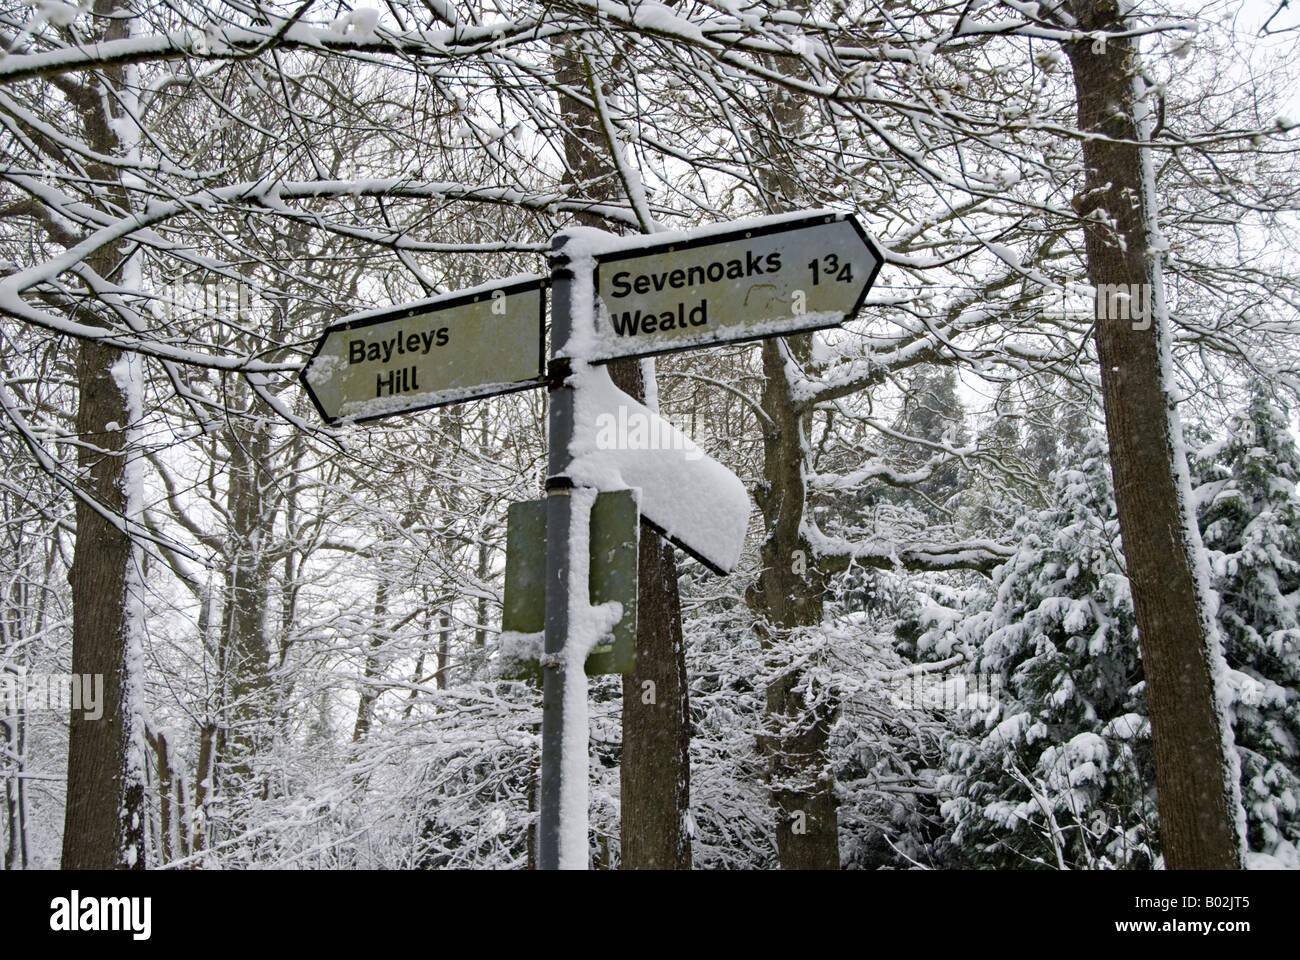 Scène de neige dans le Kent, UK. Banque D'Images